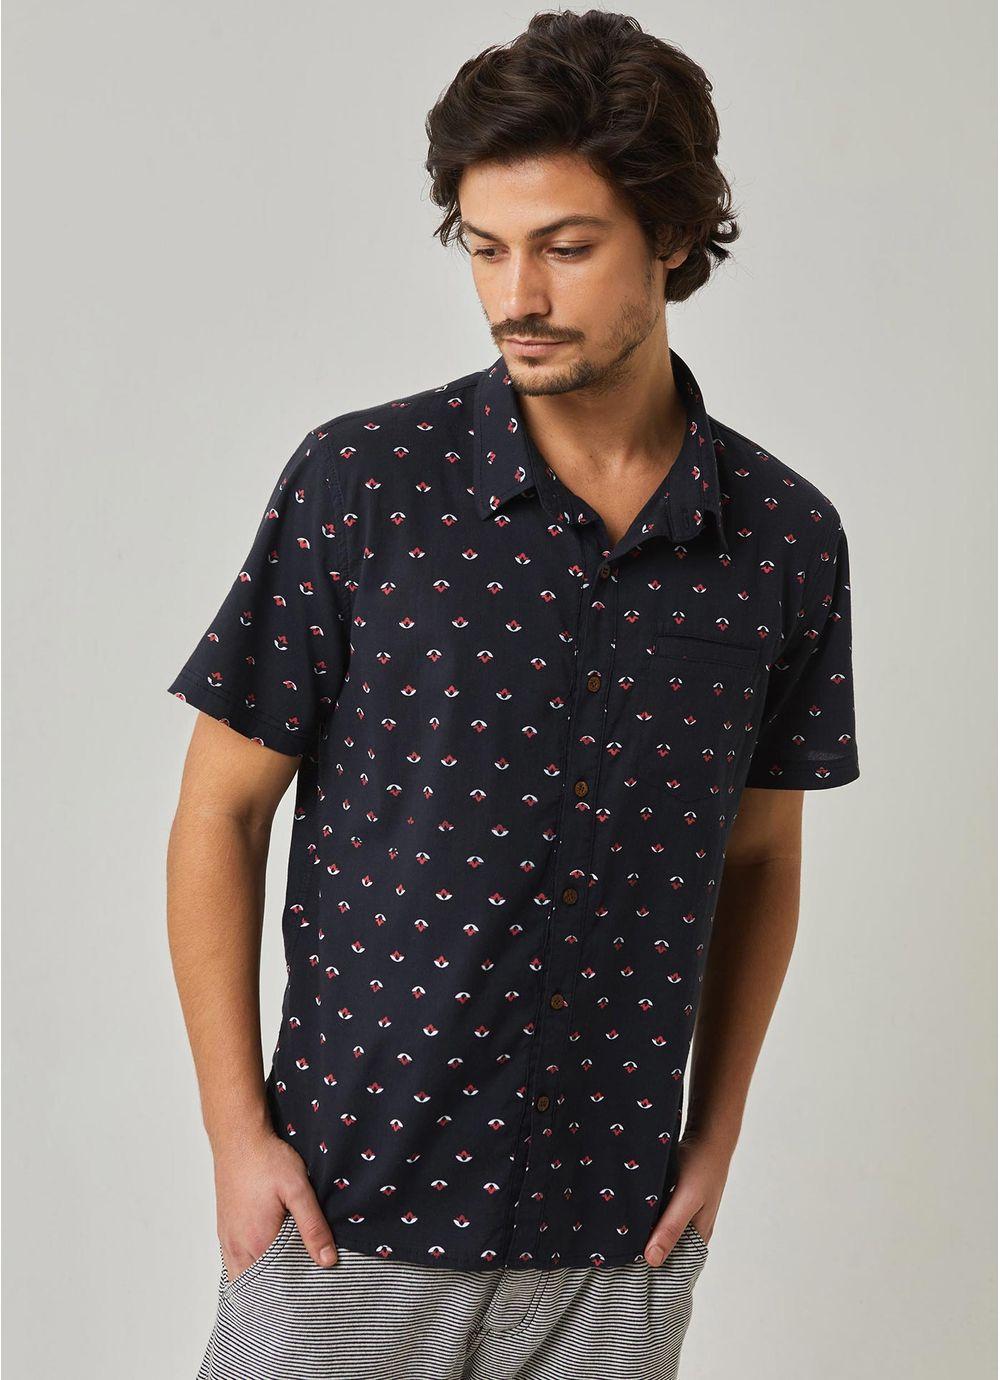 554a53f6569 Camisa manga curta estampada pattern mini icons PRETO - Compre ...